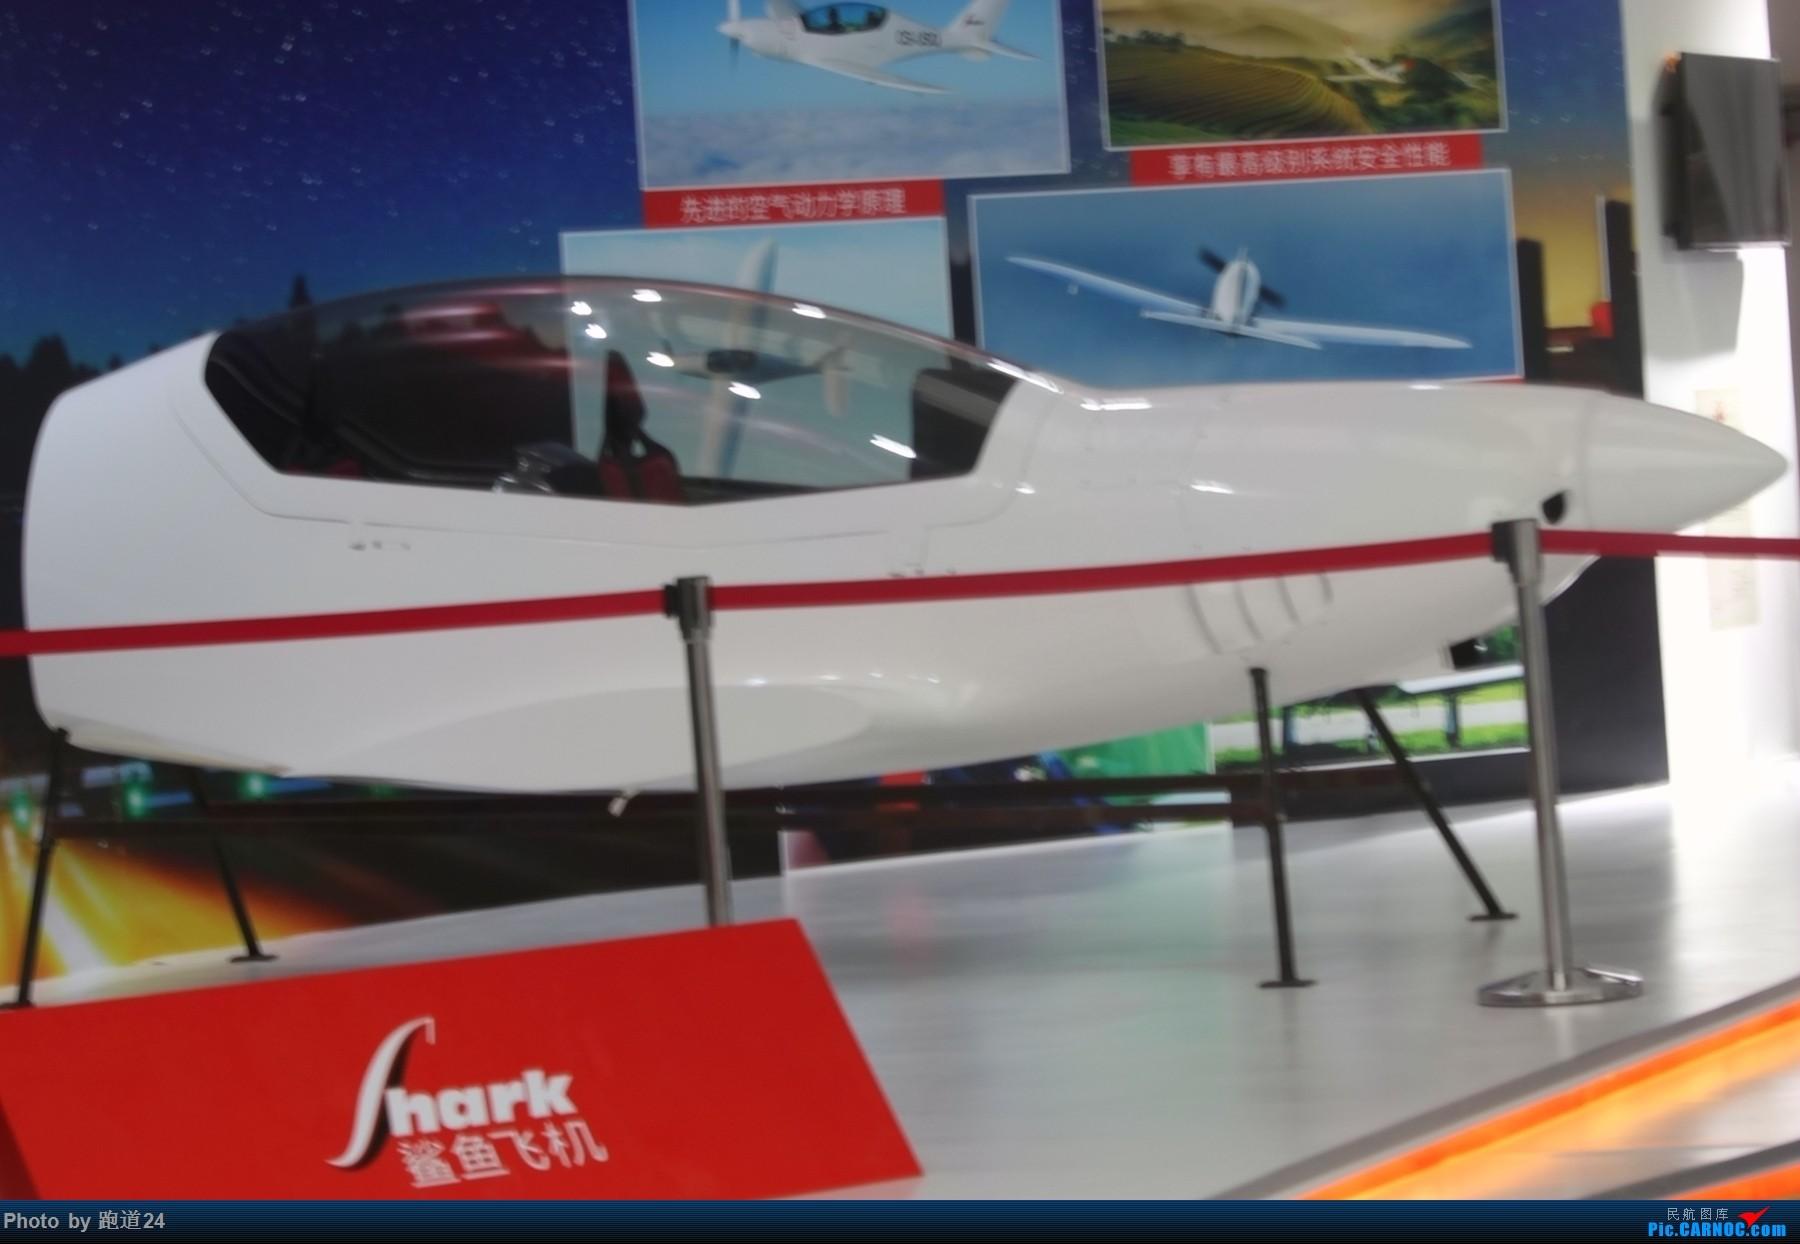 [原创]【多图党】首次参观航展    中国广汉机场